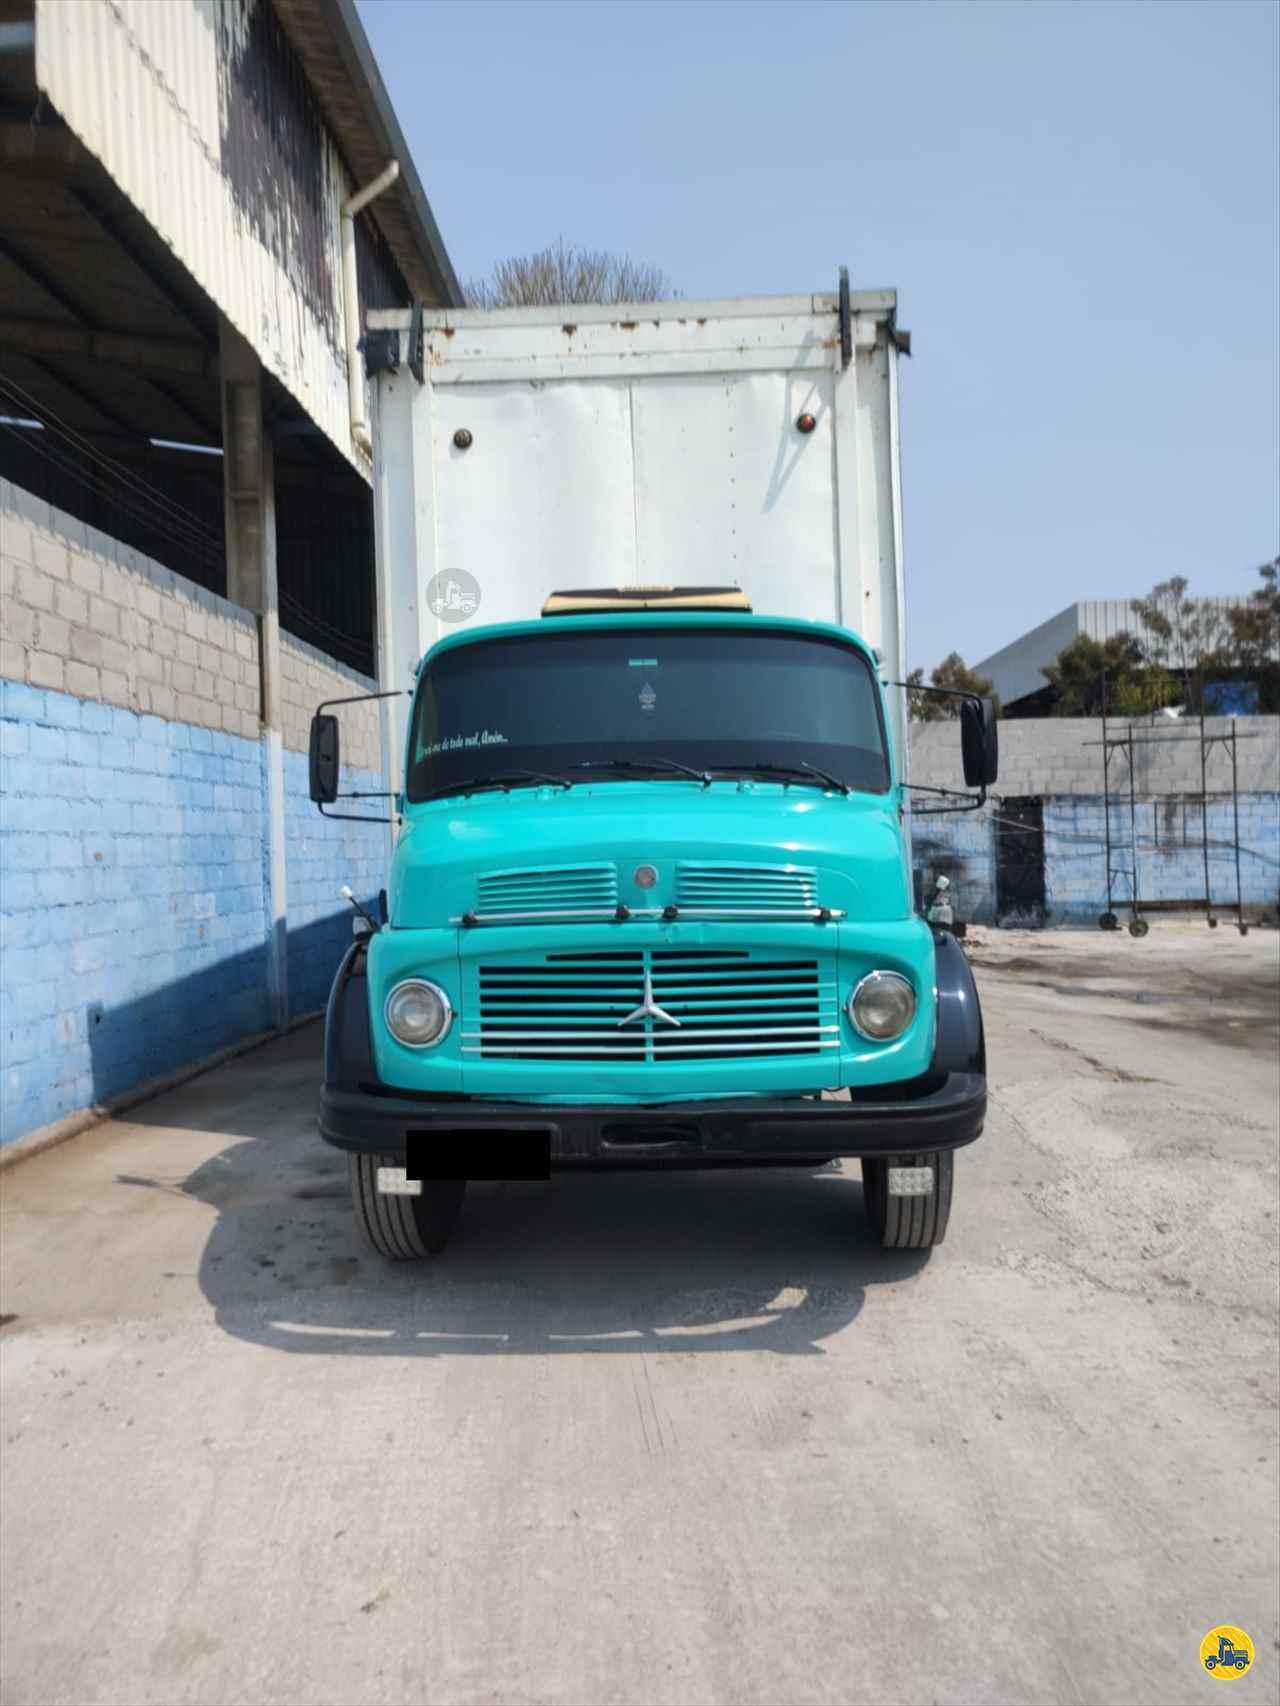 CAMINHAO MERCEDES-BENZ MB 1113 Chassis Truck 6x2 Wilson Caminhões RIBEIRAO PIRES SÃO PAULO SP